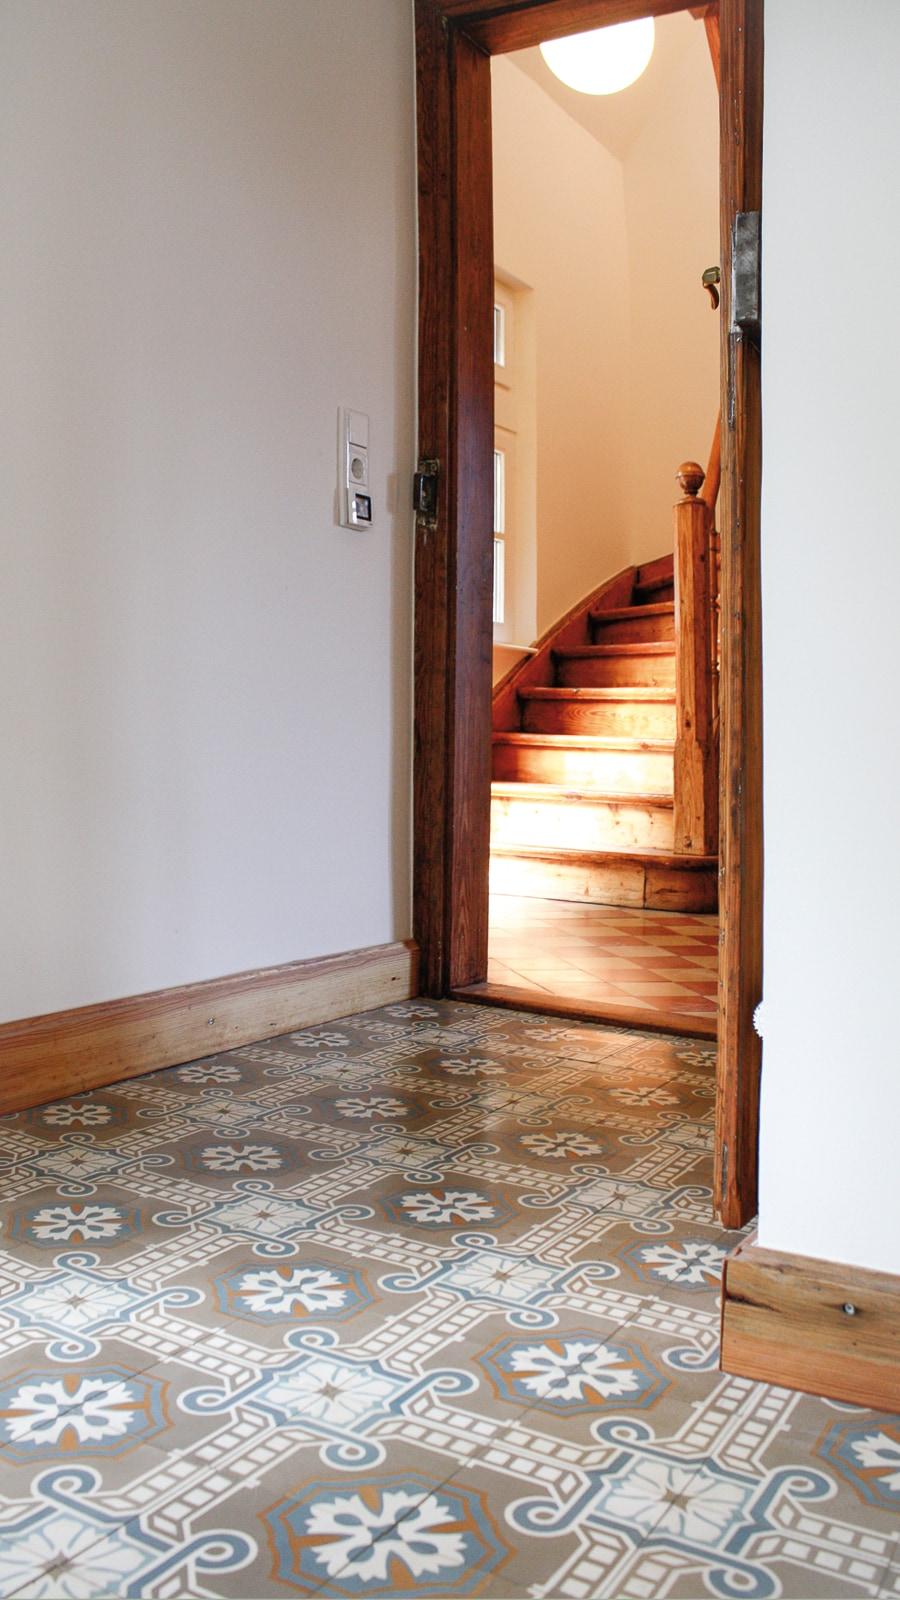 Zementmosaikplatten-nr.51051-flur-viaplatten | 51051/141